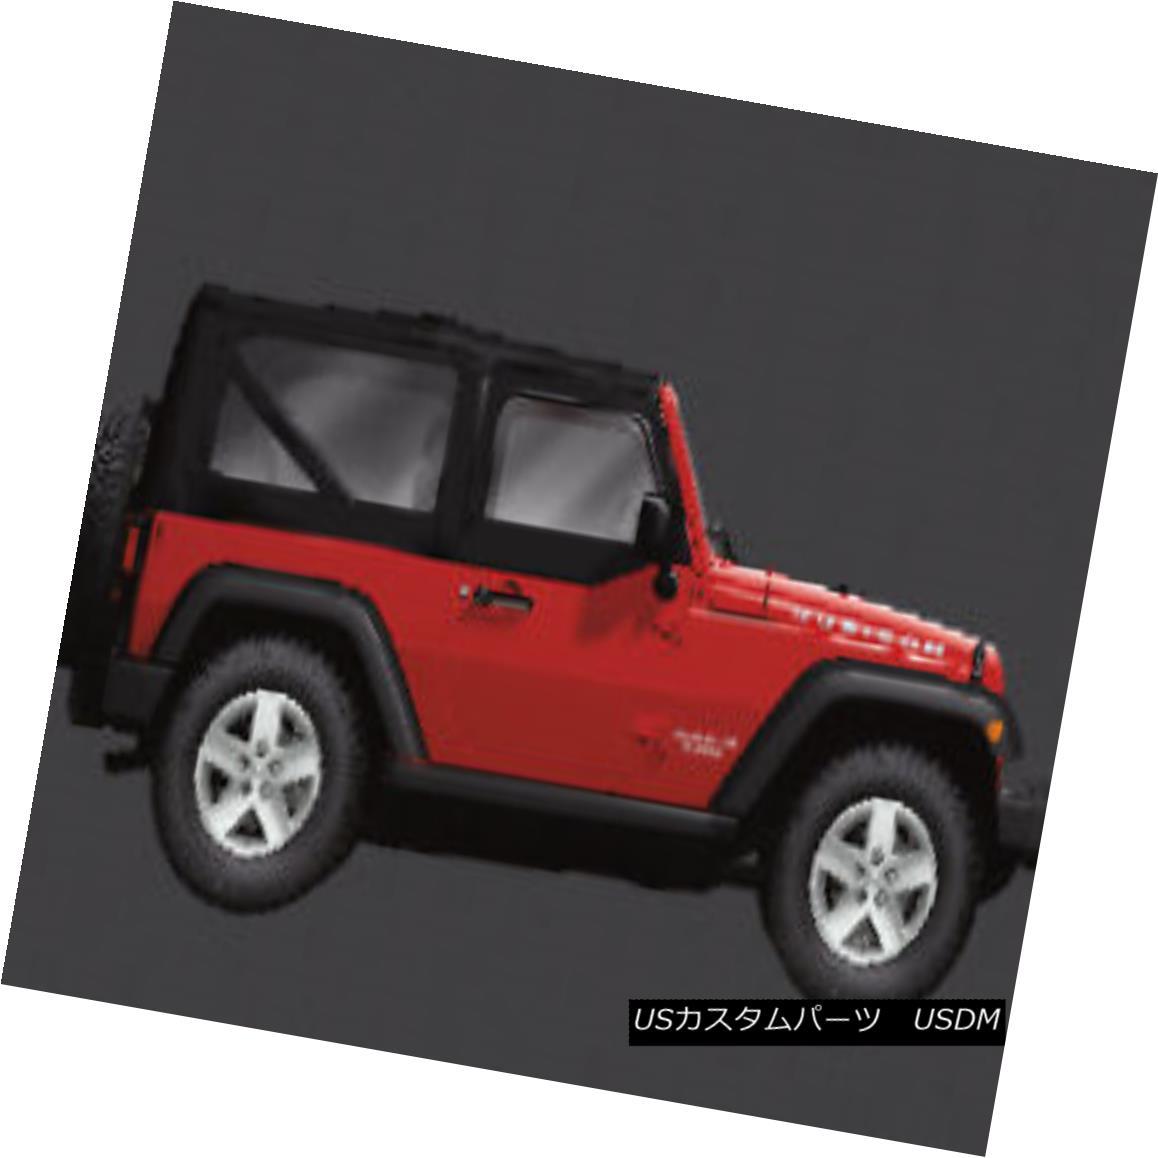 幌・ソフトトップ 2007-2018 Jeep Wrangler 4 Door Soft Top Sunrider Design Tinted Oem New Mopar 2007-2018ジープ・ラングラー4ドア・ソフトトップサンライダー・デザイン・ティンテッド・オーム・ニュー・モパー